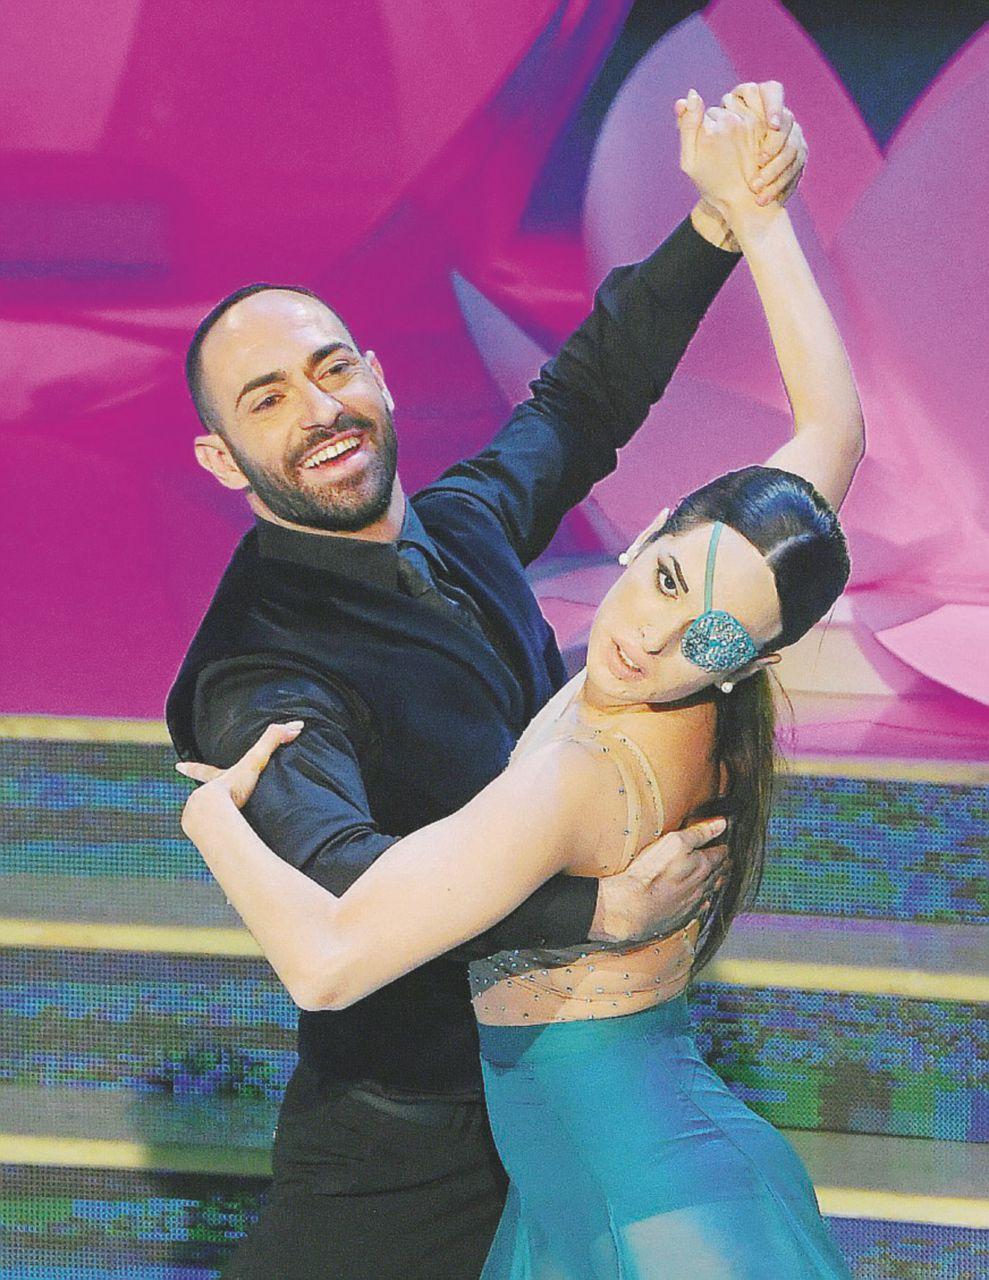 Gessica balla da sola felice. Ma gli avvocati non vogliono